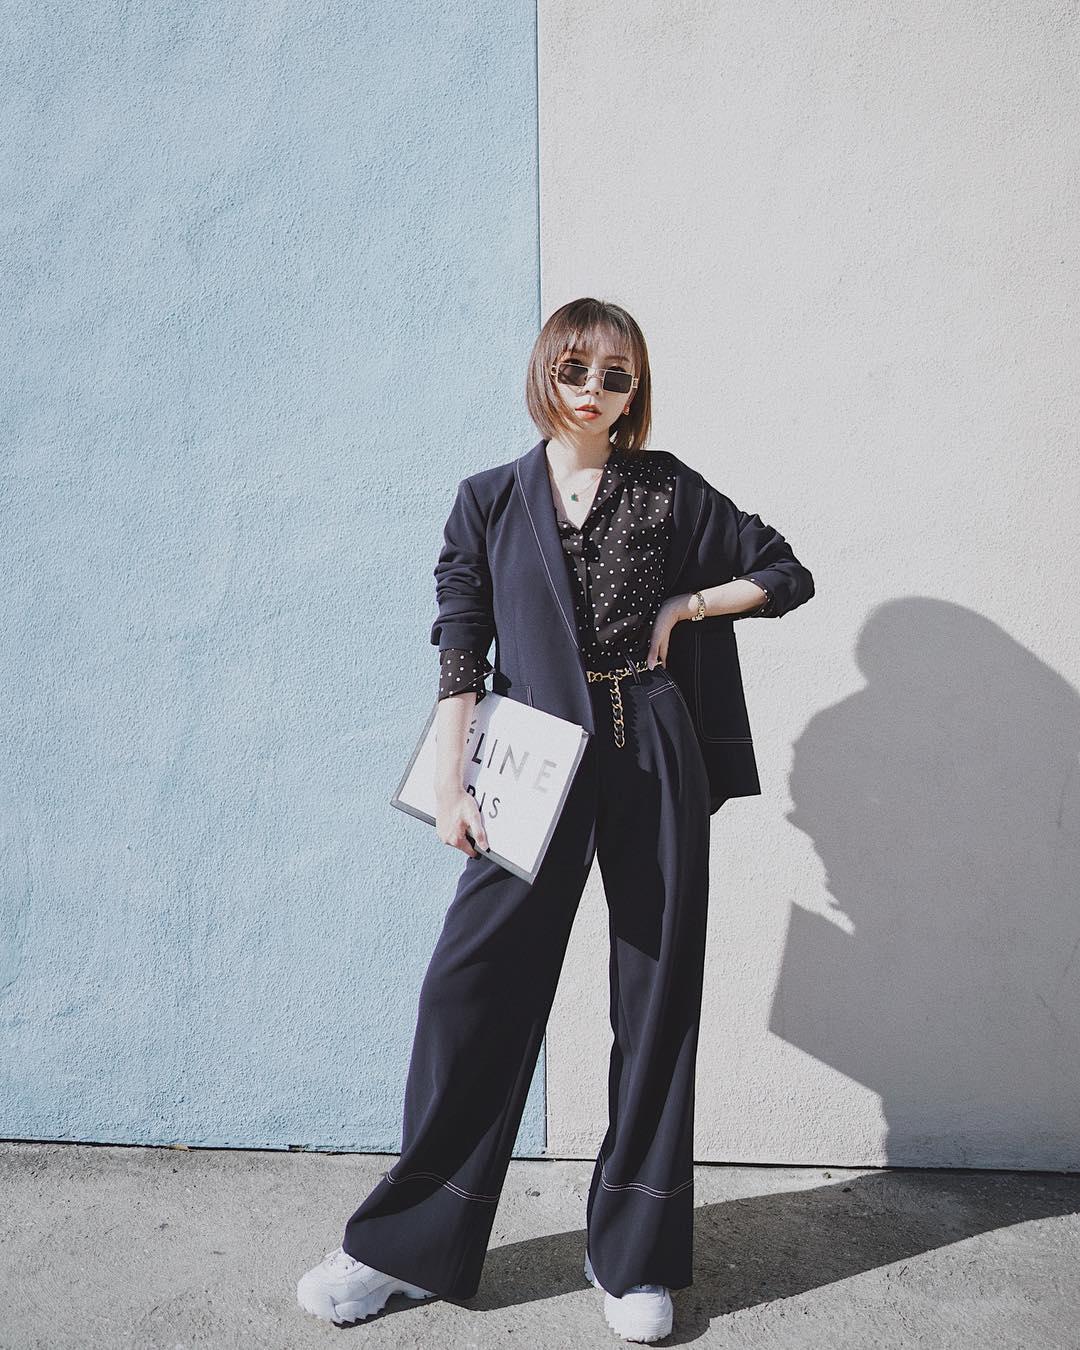 Dress code semi formal - âu phục xanh navy